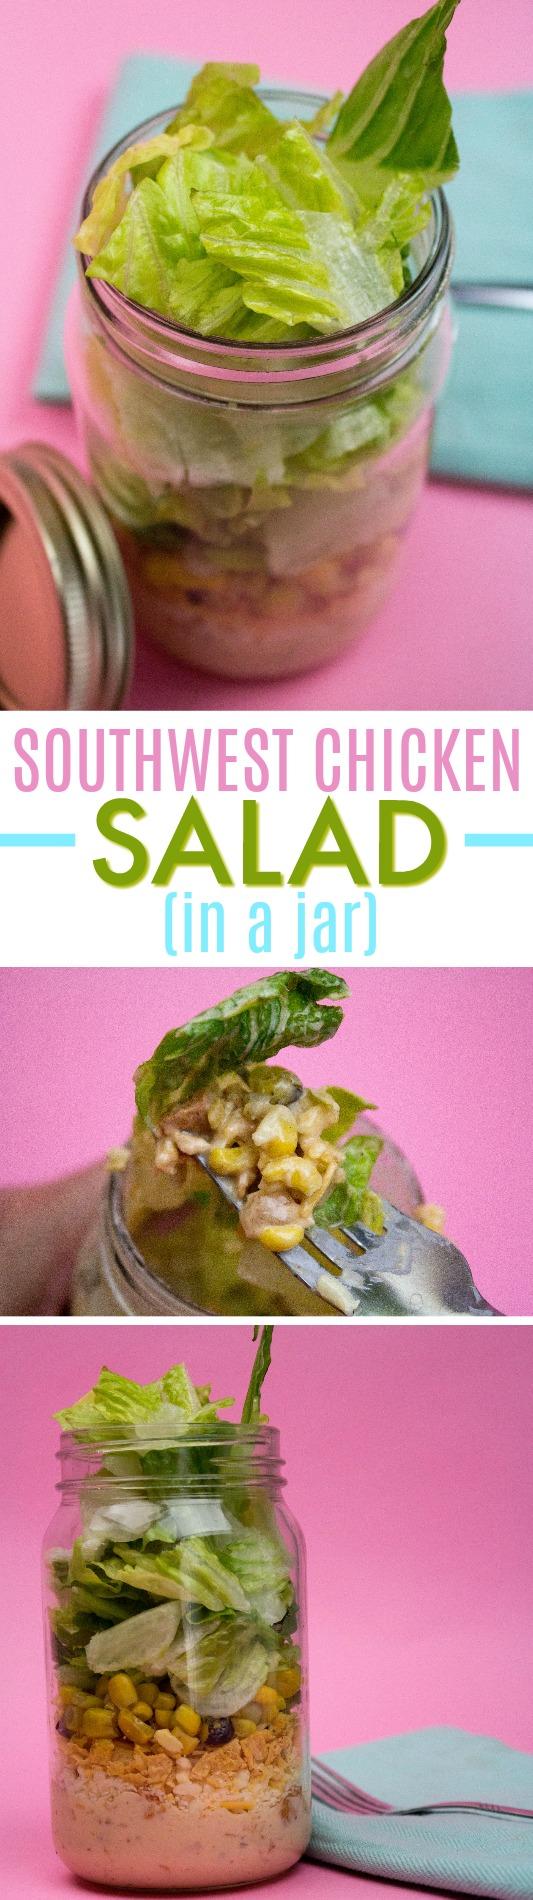 salad in a jar, diy salad, easy salad recipe, easy salad ideas, easy summer salad recipes